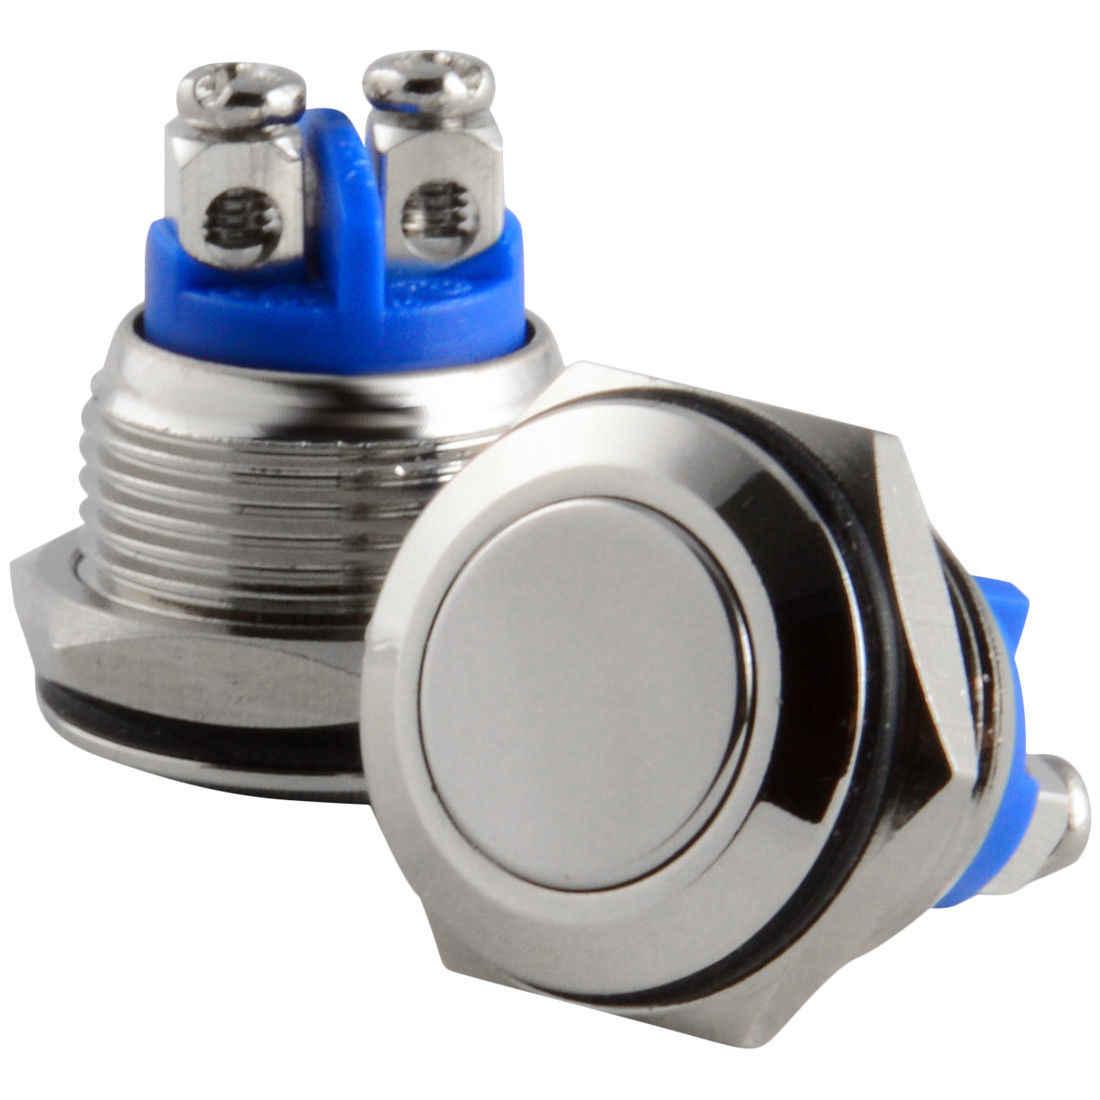 16 ミリメートルスタータースイッチ/ボート瞬間的なプッシュボタンステンレス鋼金属防水